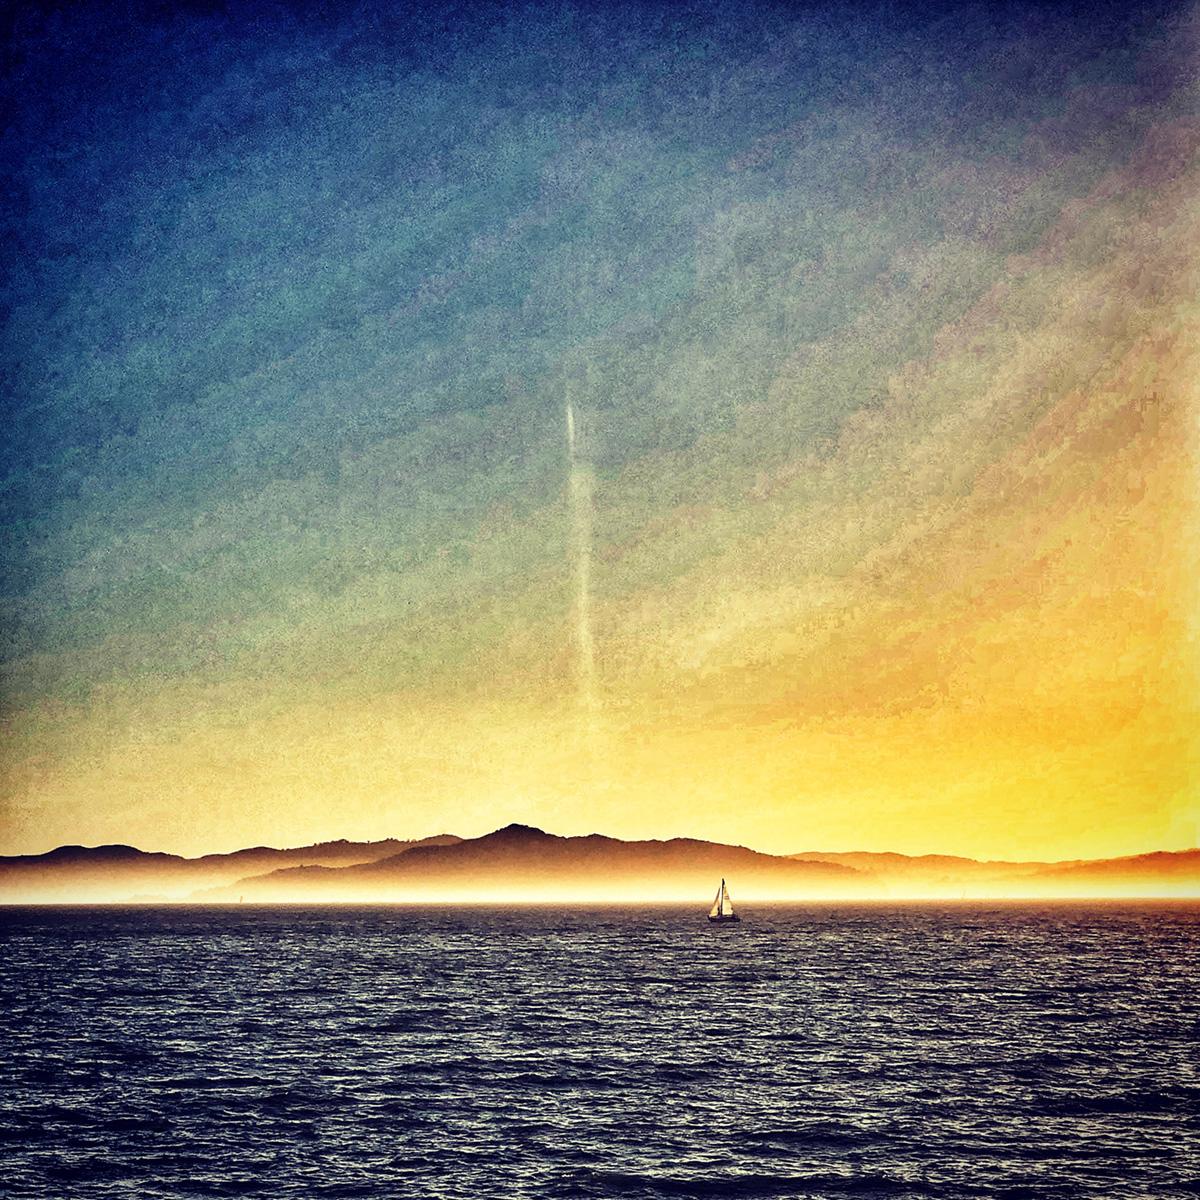 Sailboat at Sunset 2